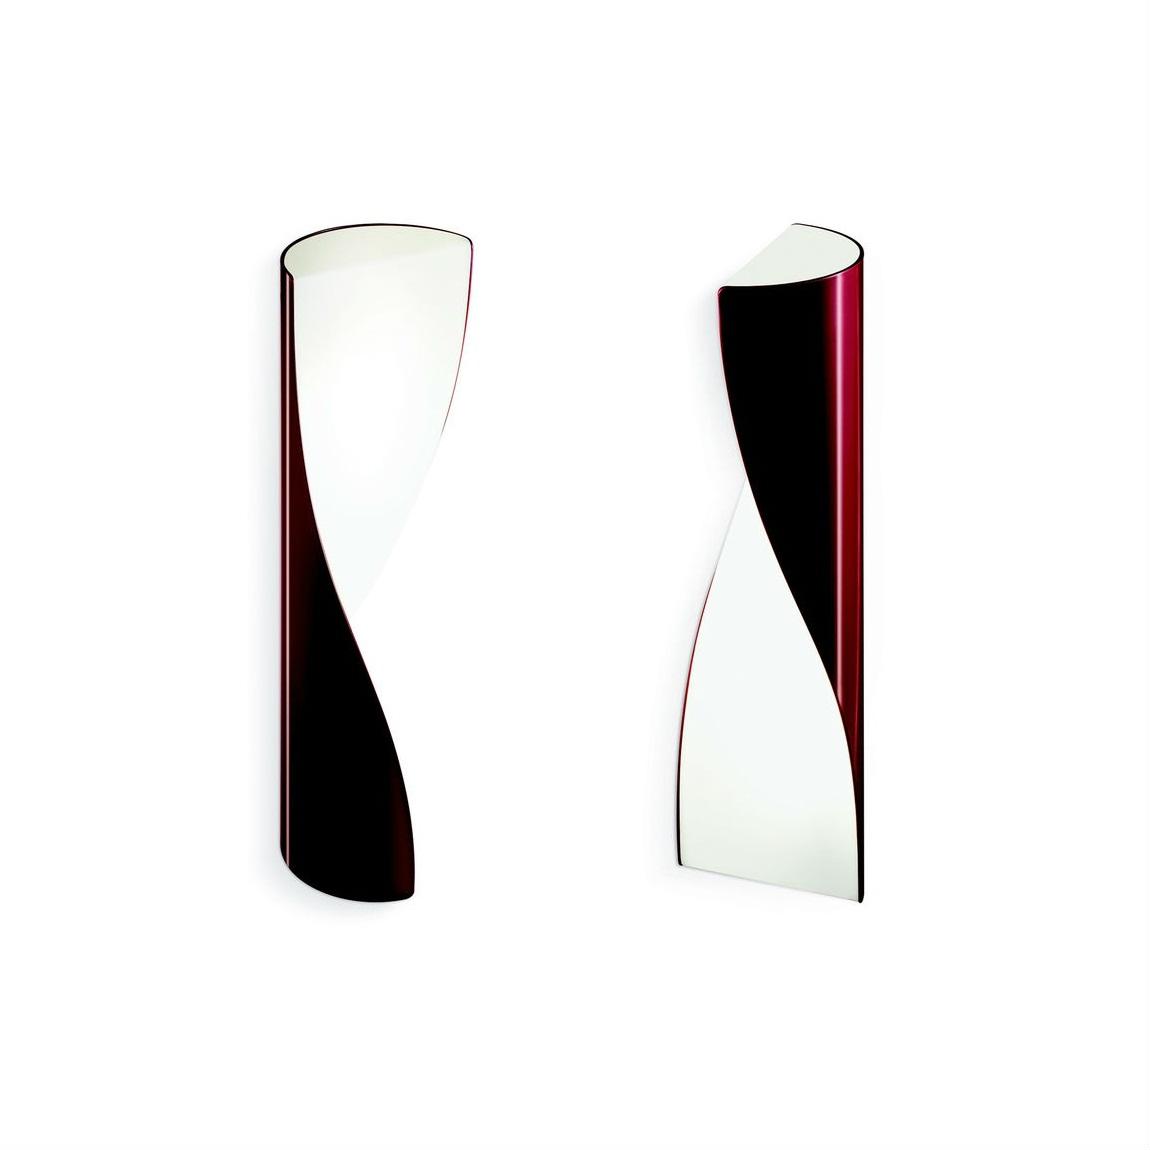 Evita Aplique 38cm T5 2x8w Rojo